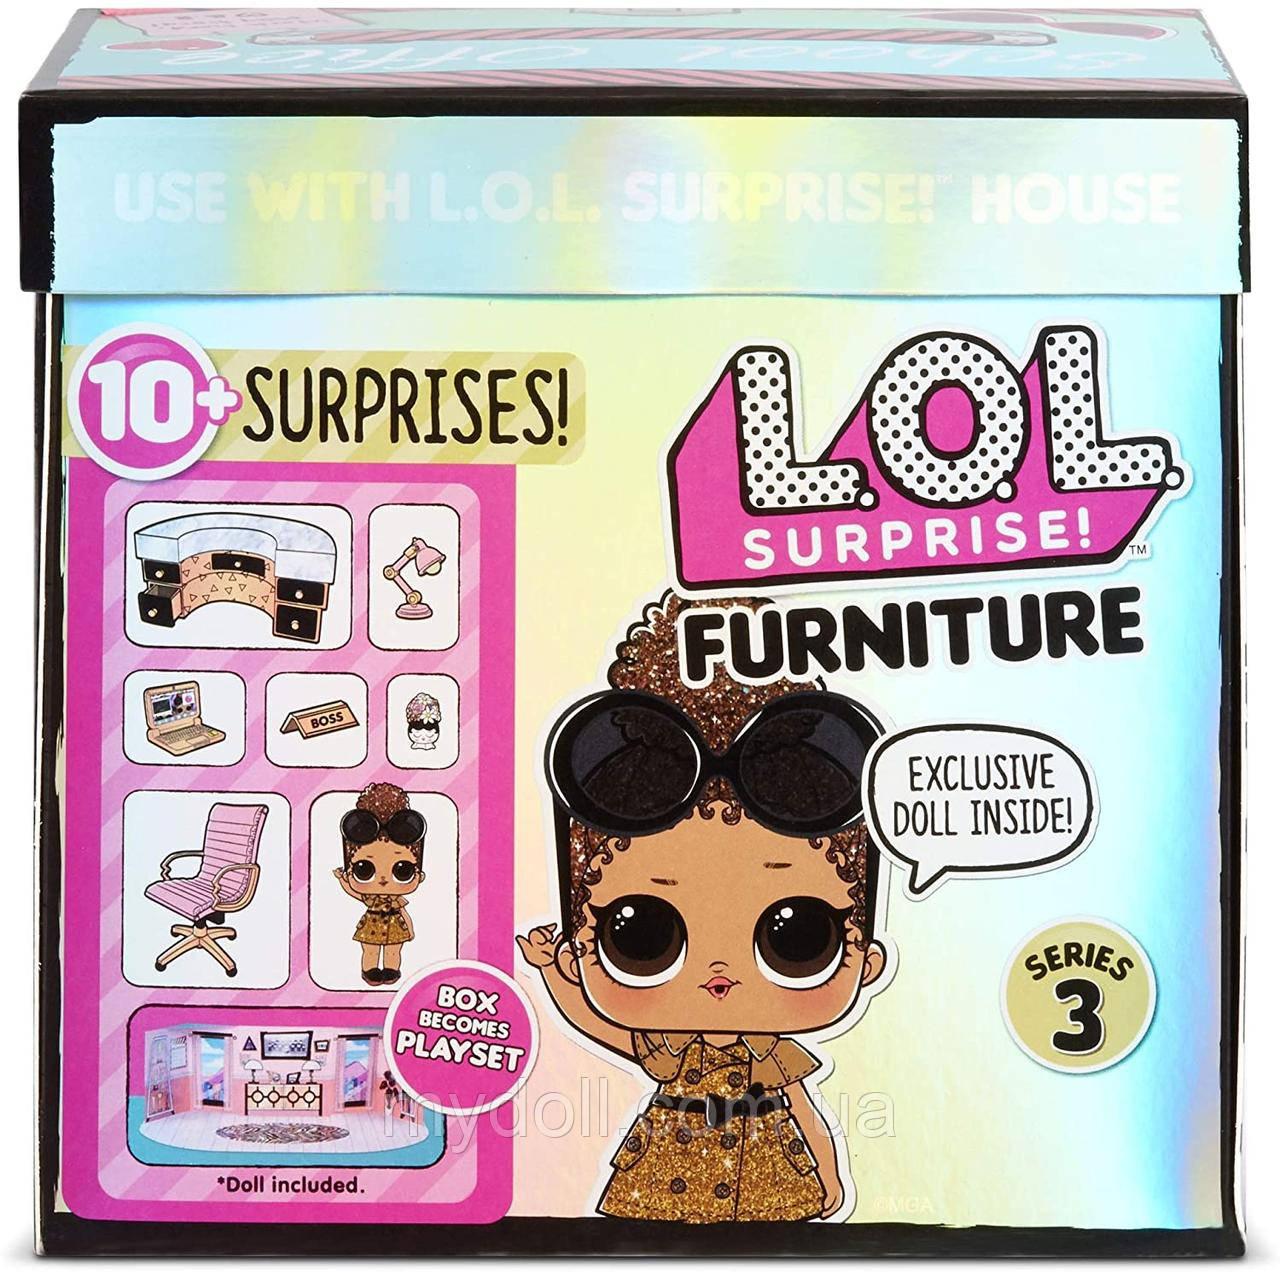 Кабінет Леді-бос Ігровий набір Стильний інтер'єр з лялькою L. O. L. Surprise! Furniture 3 серія 570042